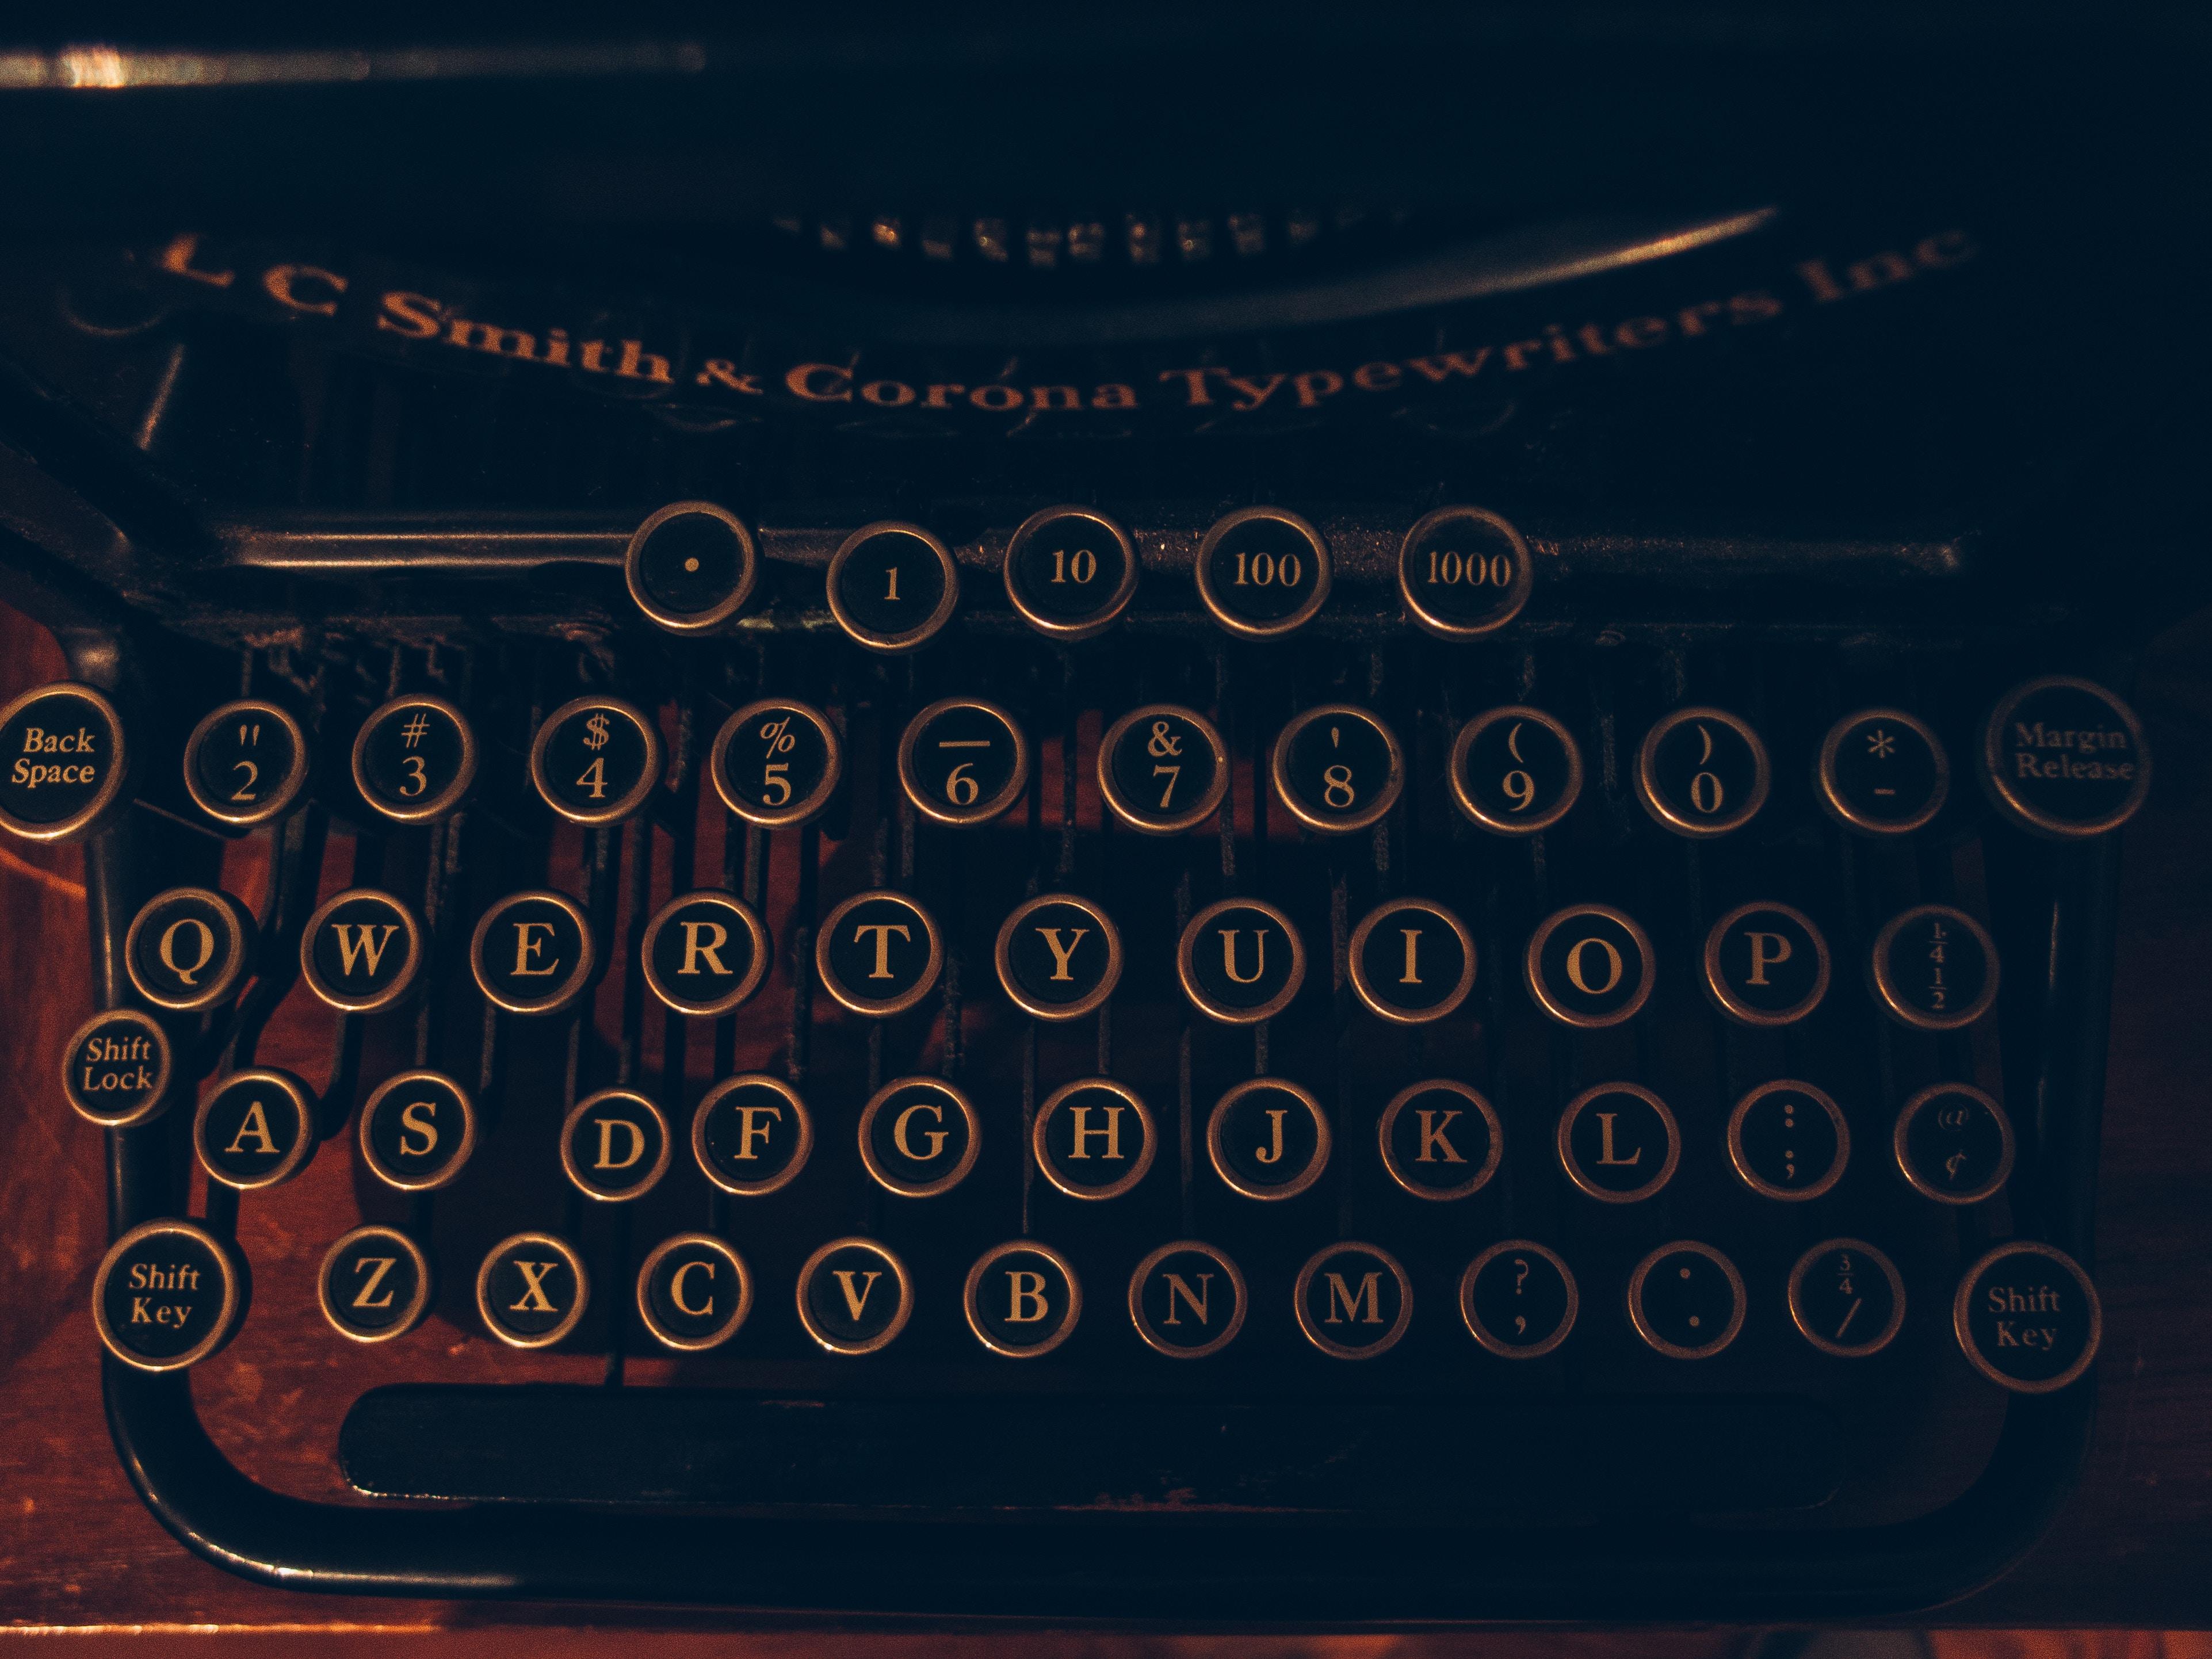 Imagem de uma máquina de escrever